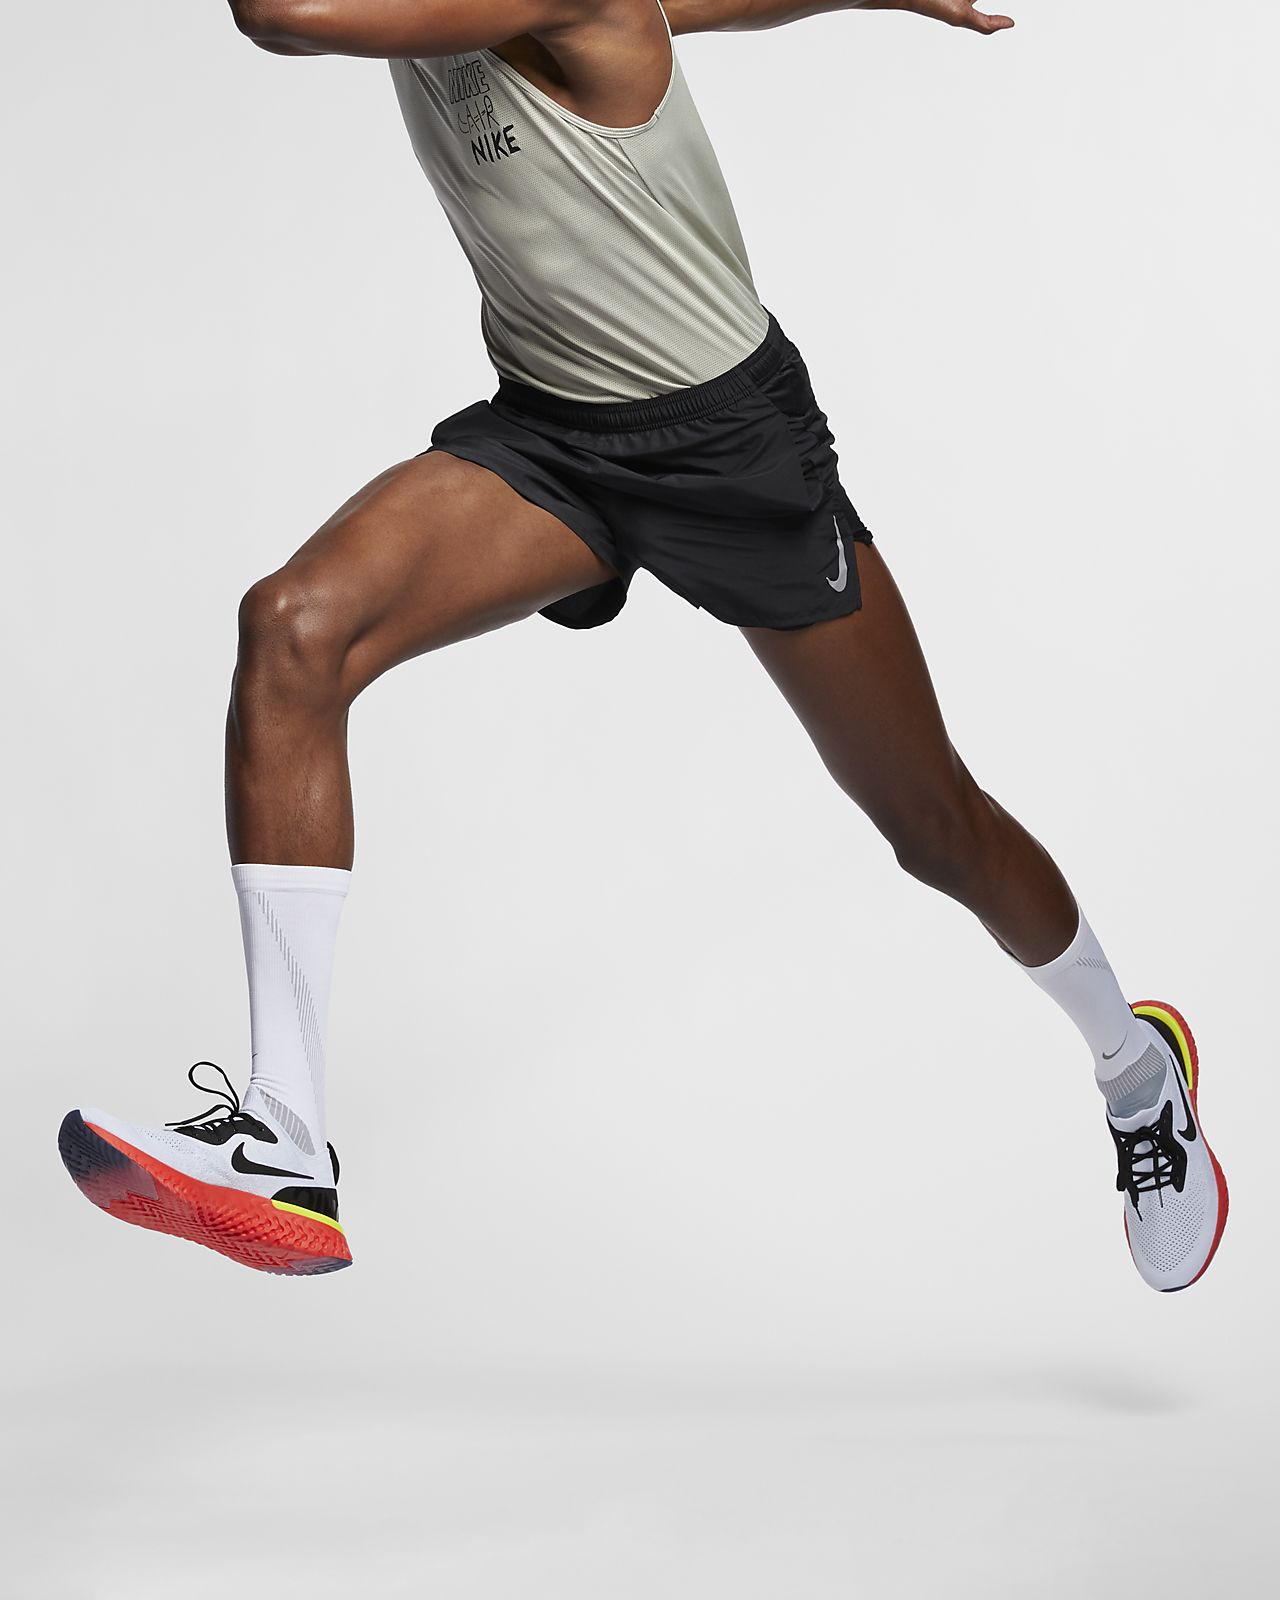 กางเกงวิ่งขาสั้นผู้ชาย Nike Challenger